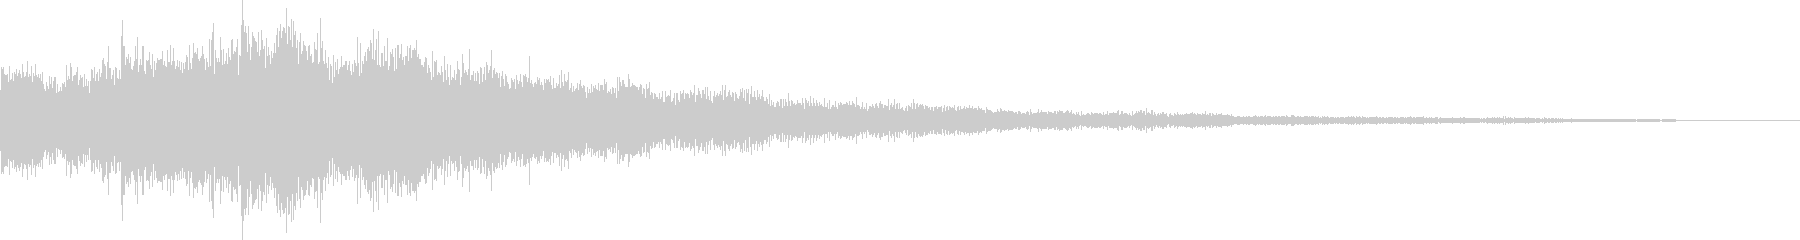 サウンドロゴ シネマティックの未再生の波形